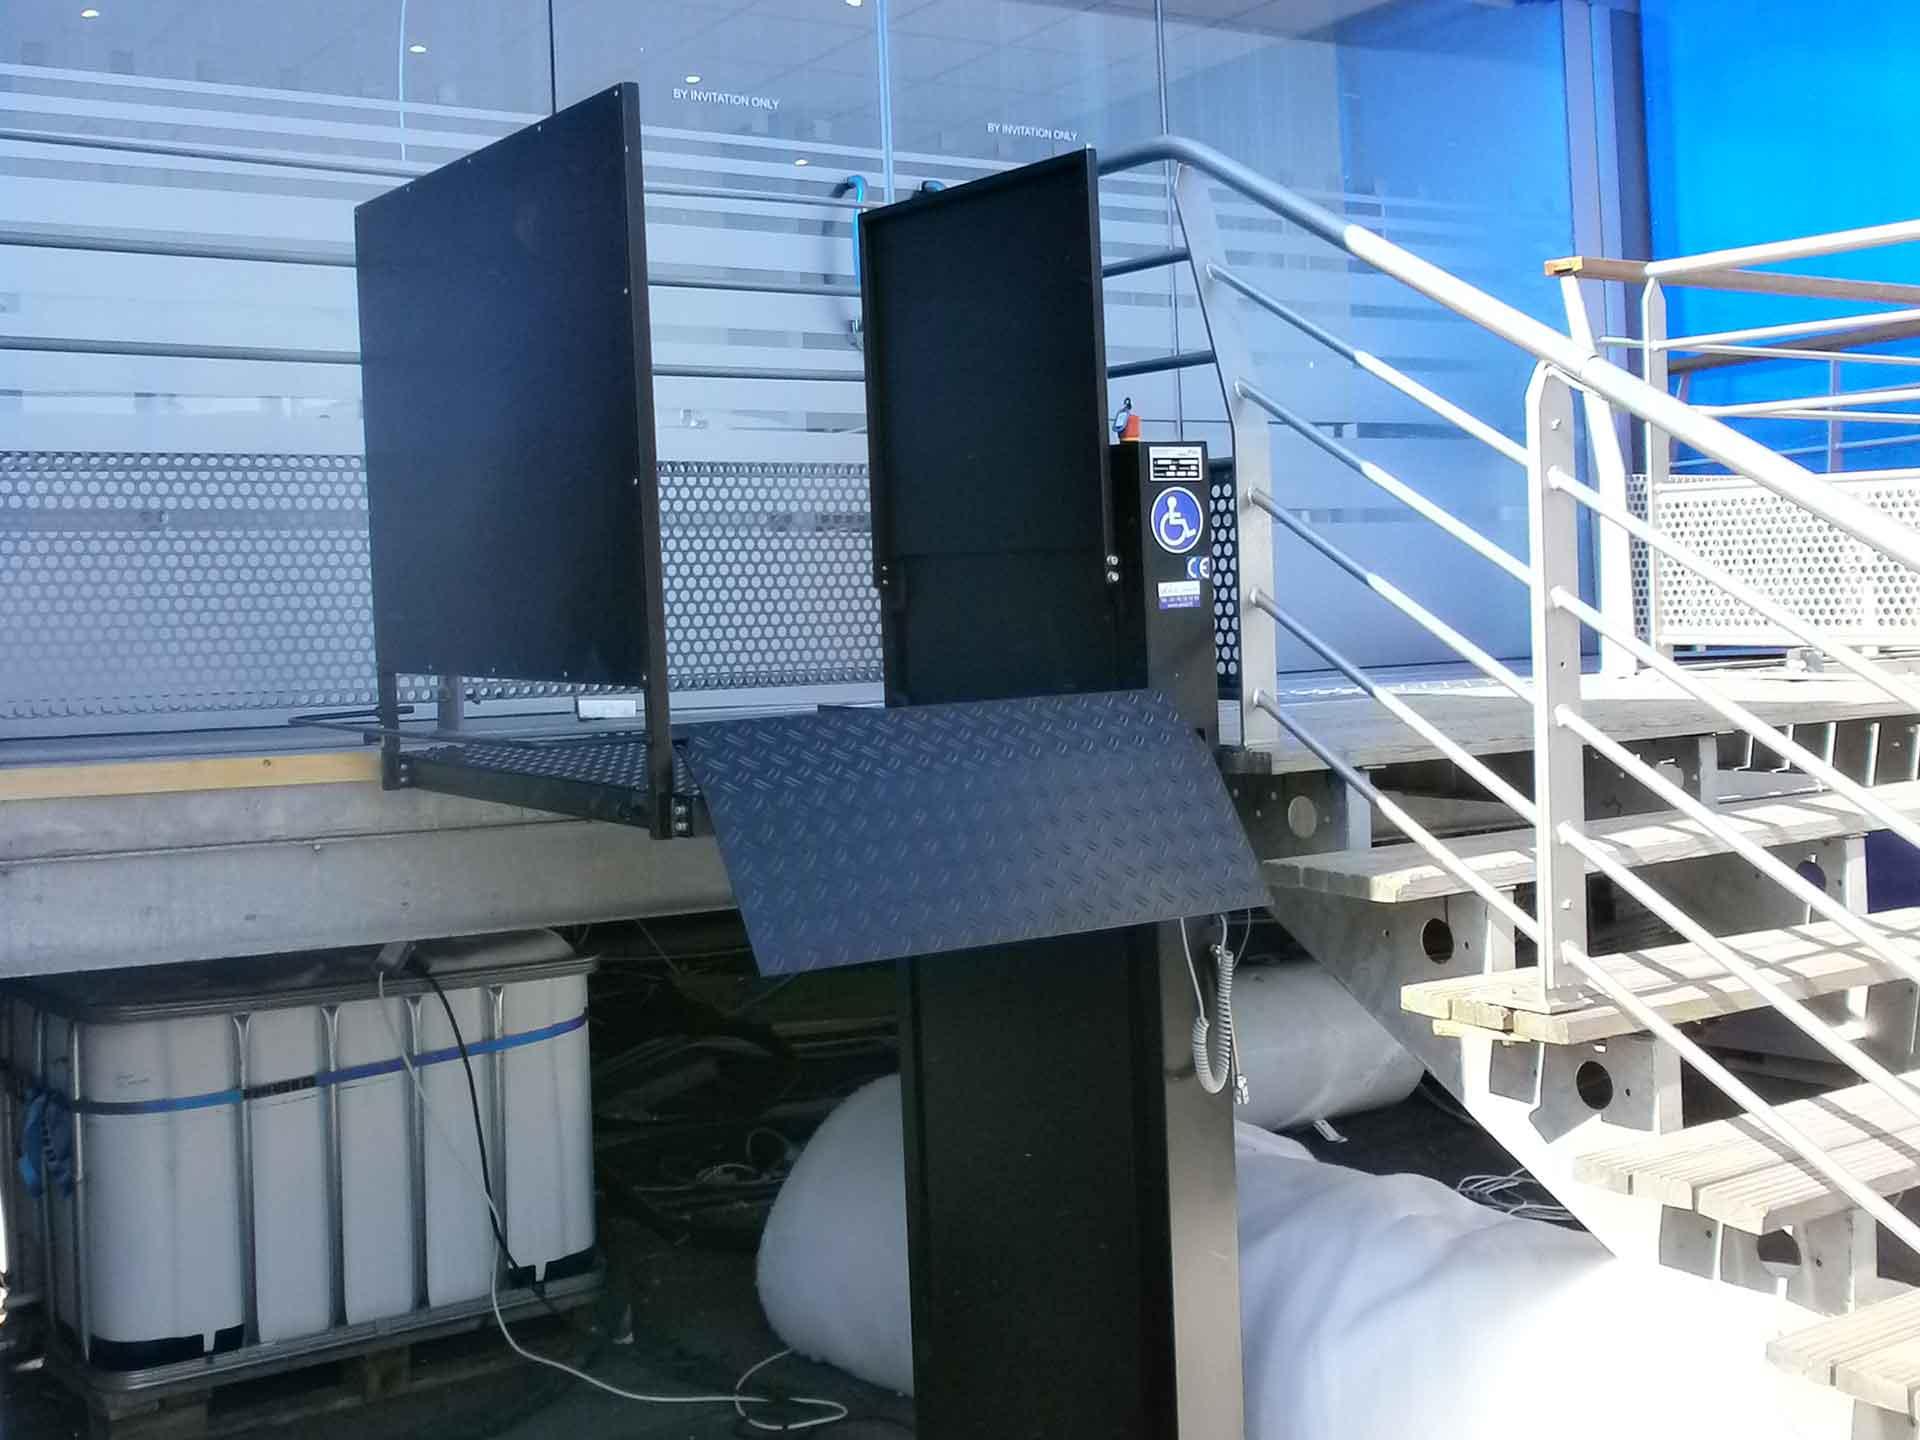 Louer une plateforme élévatrice électrique Orion pour les accès pmr et handicapés à vos évènements